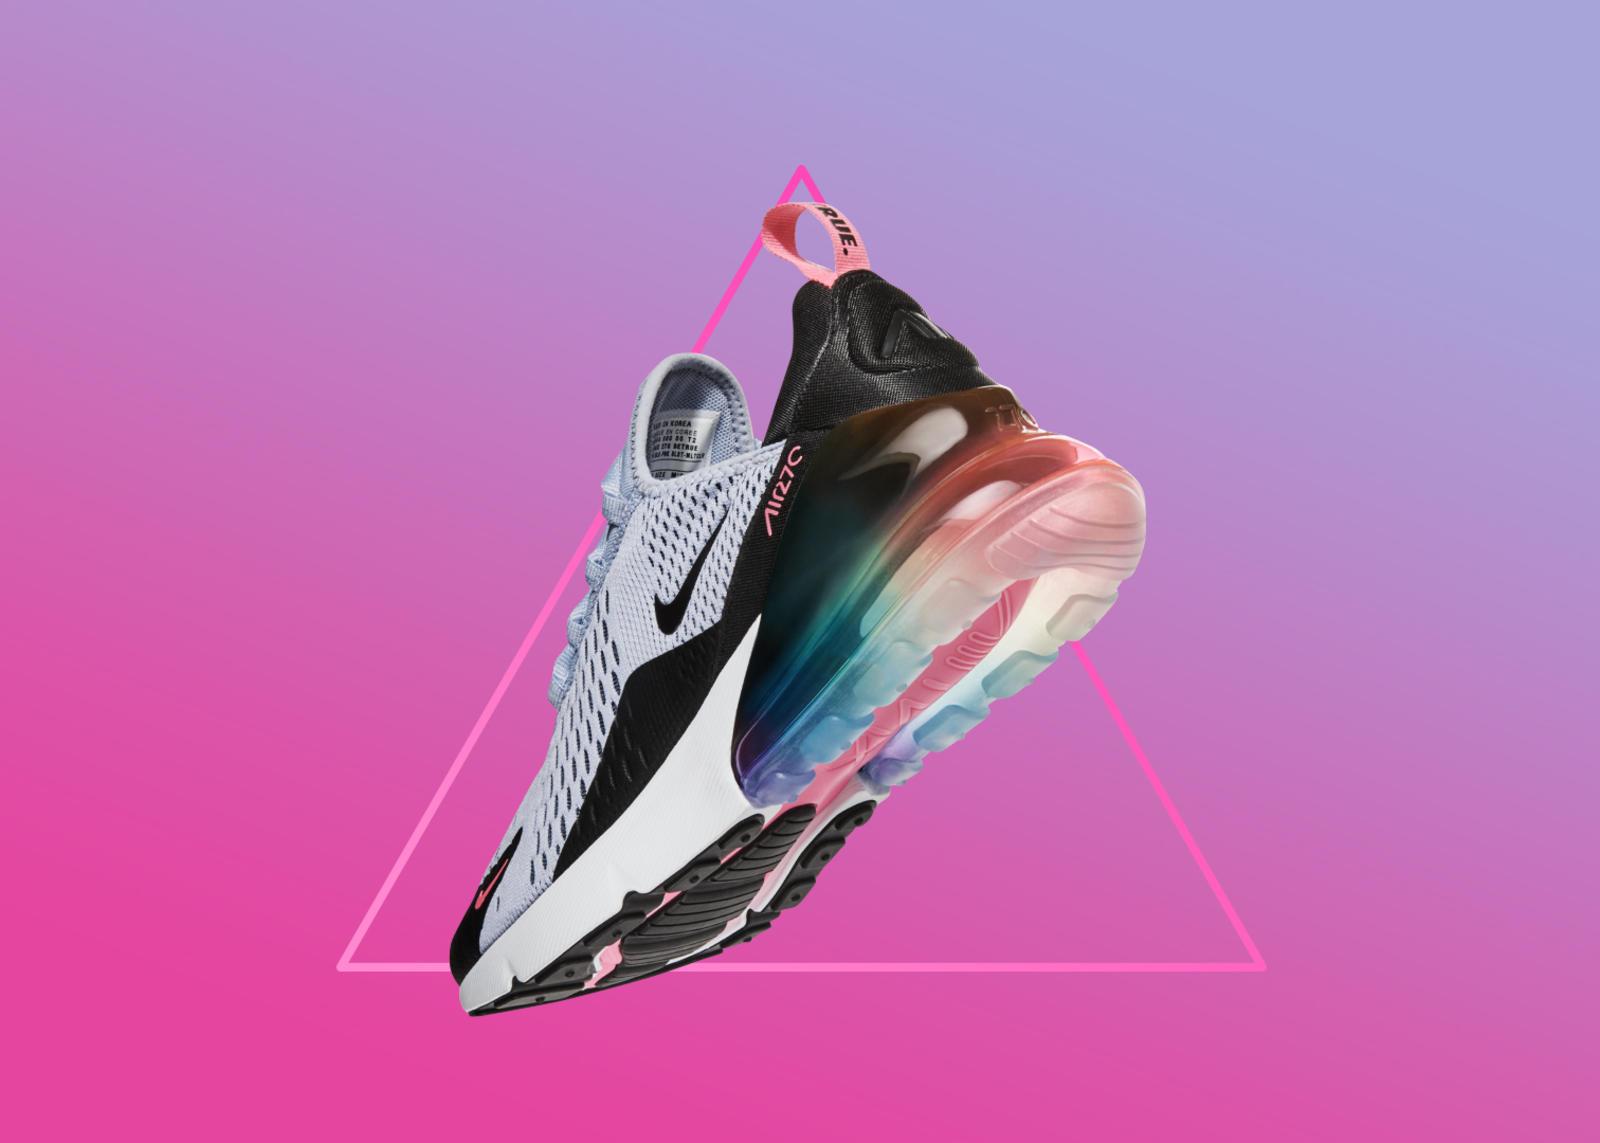 separation shoes d444e ec8eb ... sur le site américain Nike des chaussures, tee-shirts et casquettes de  la collection BETRUE 2018 aux couleurs prisées par le lobby LGBT sont en  vente.